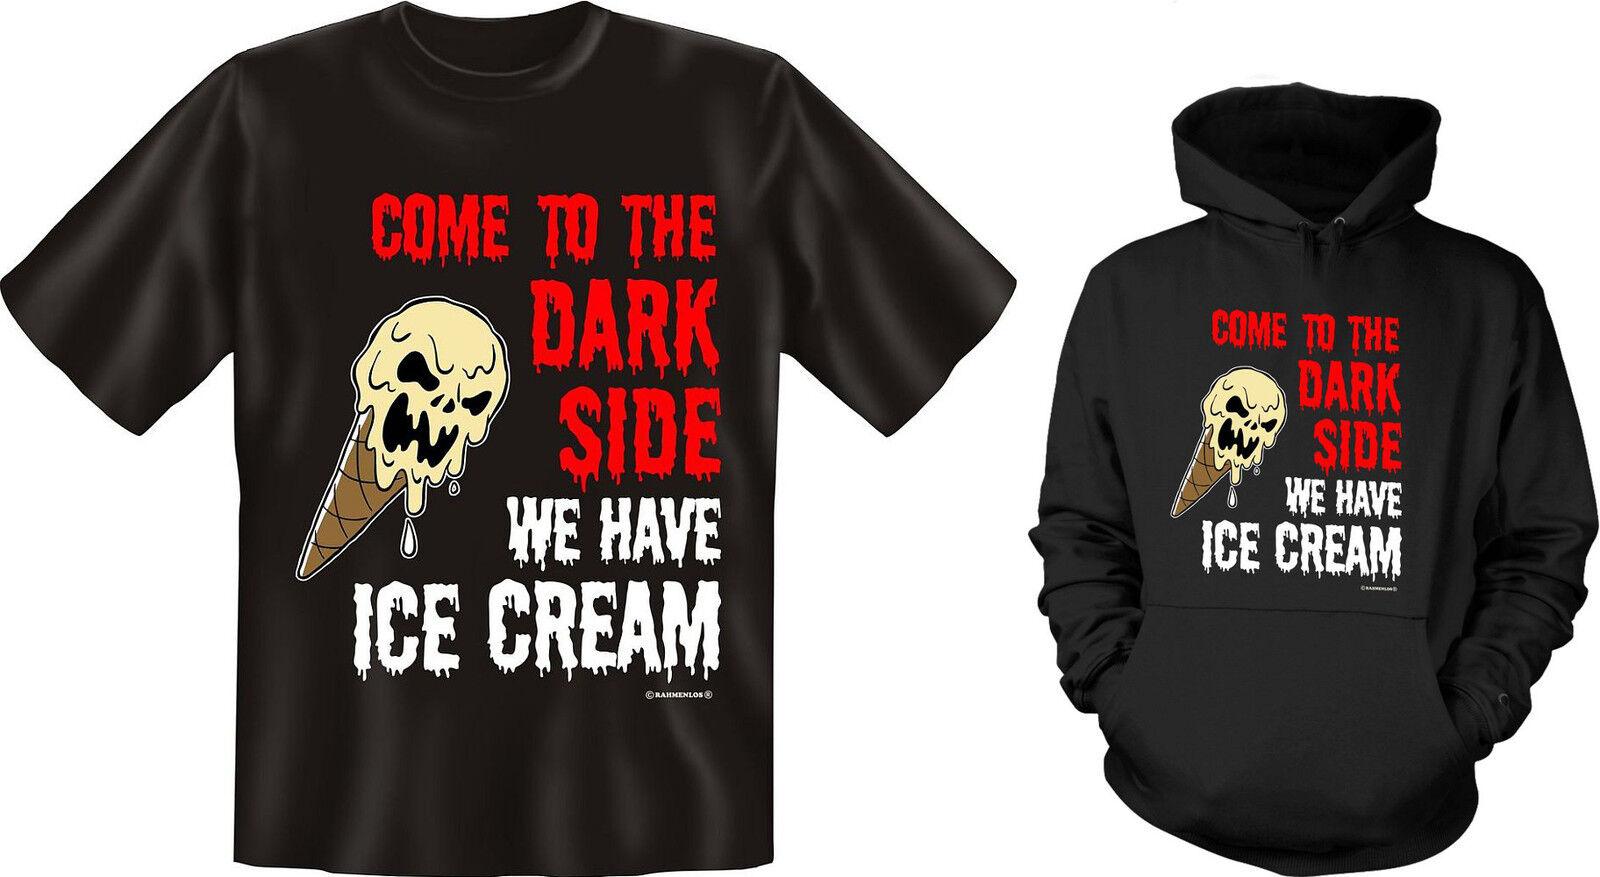 Kapuzenshirt Hoodie od. T-Shirt Come to the dark side we have Ice Cream NEU  | Lassen Sie unsere Produkte in die Welt gehen  | Ausgezeichneter Wert  | Lass unsere Waren in die Welt gehen